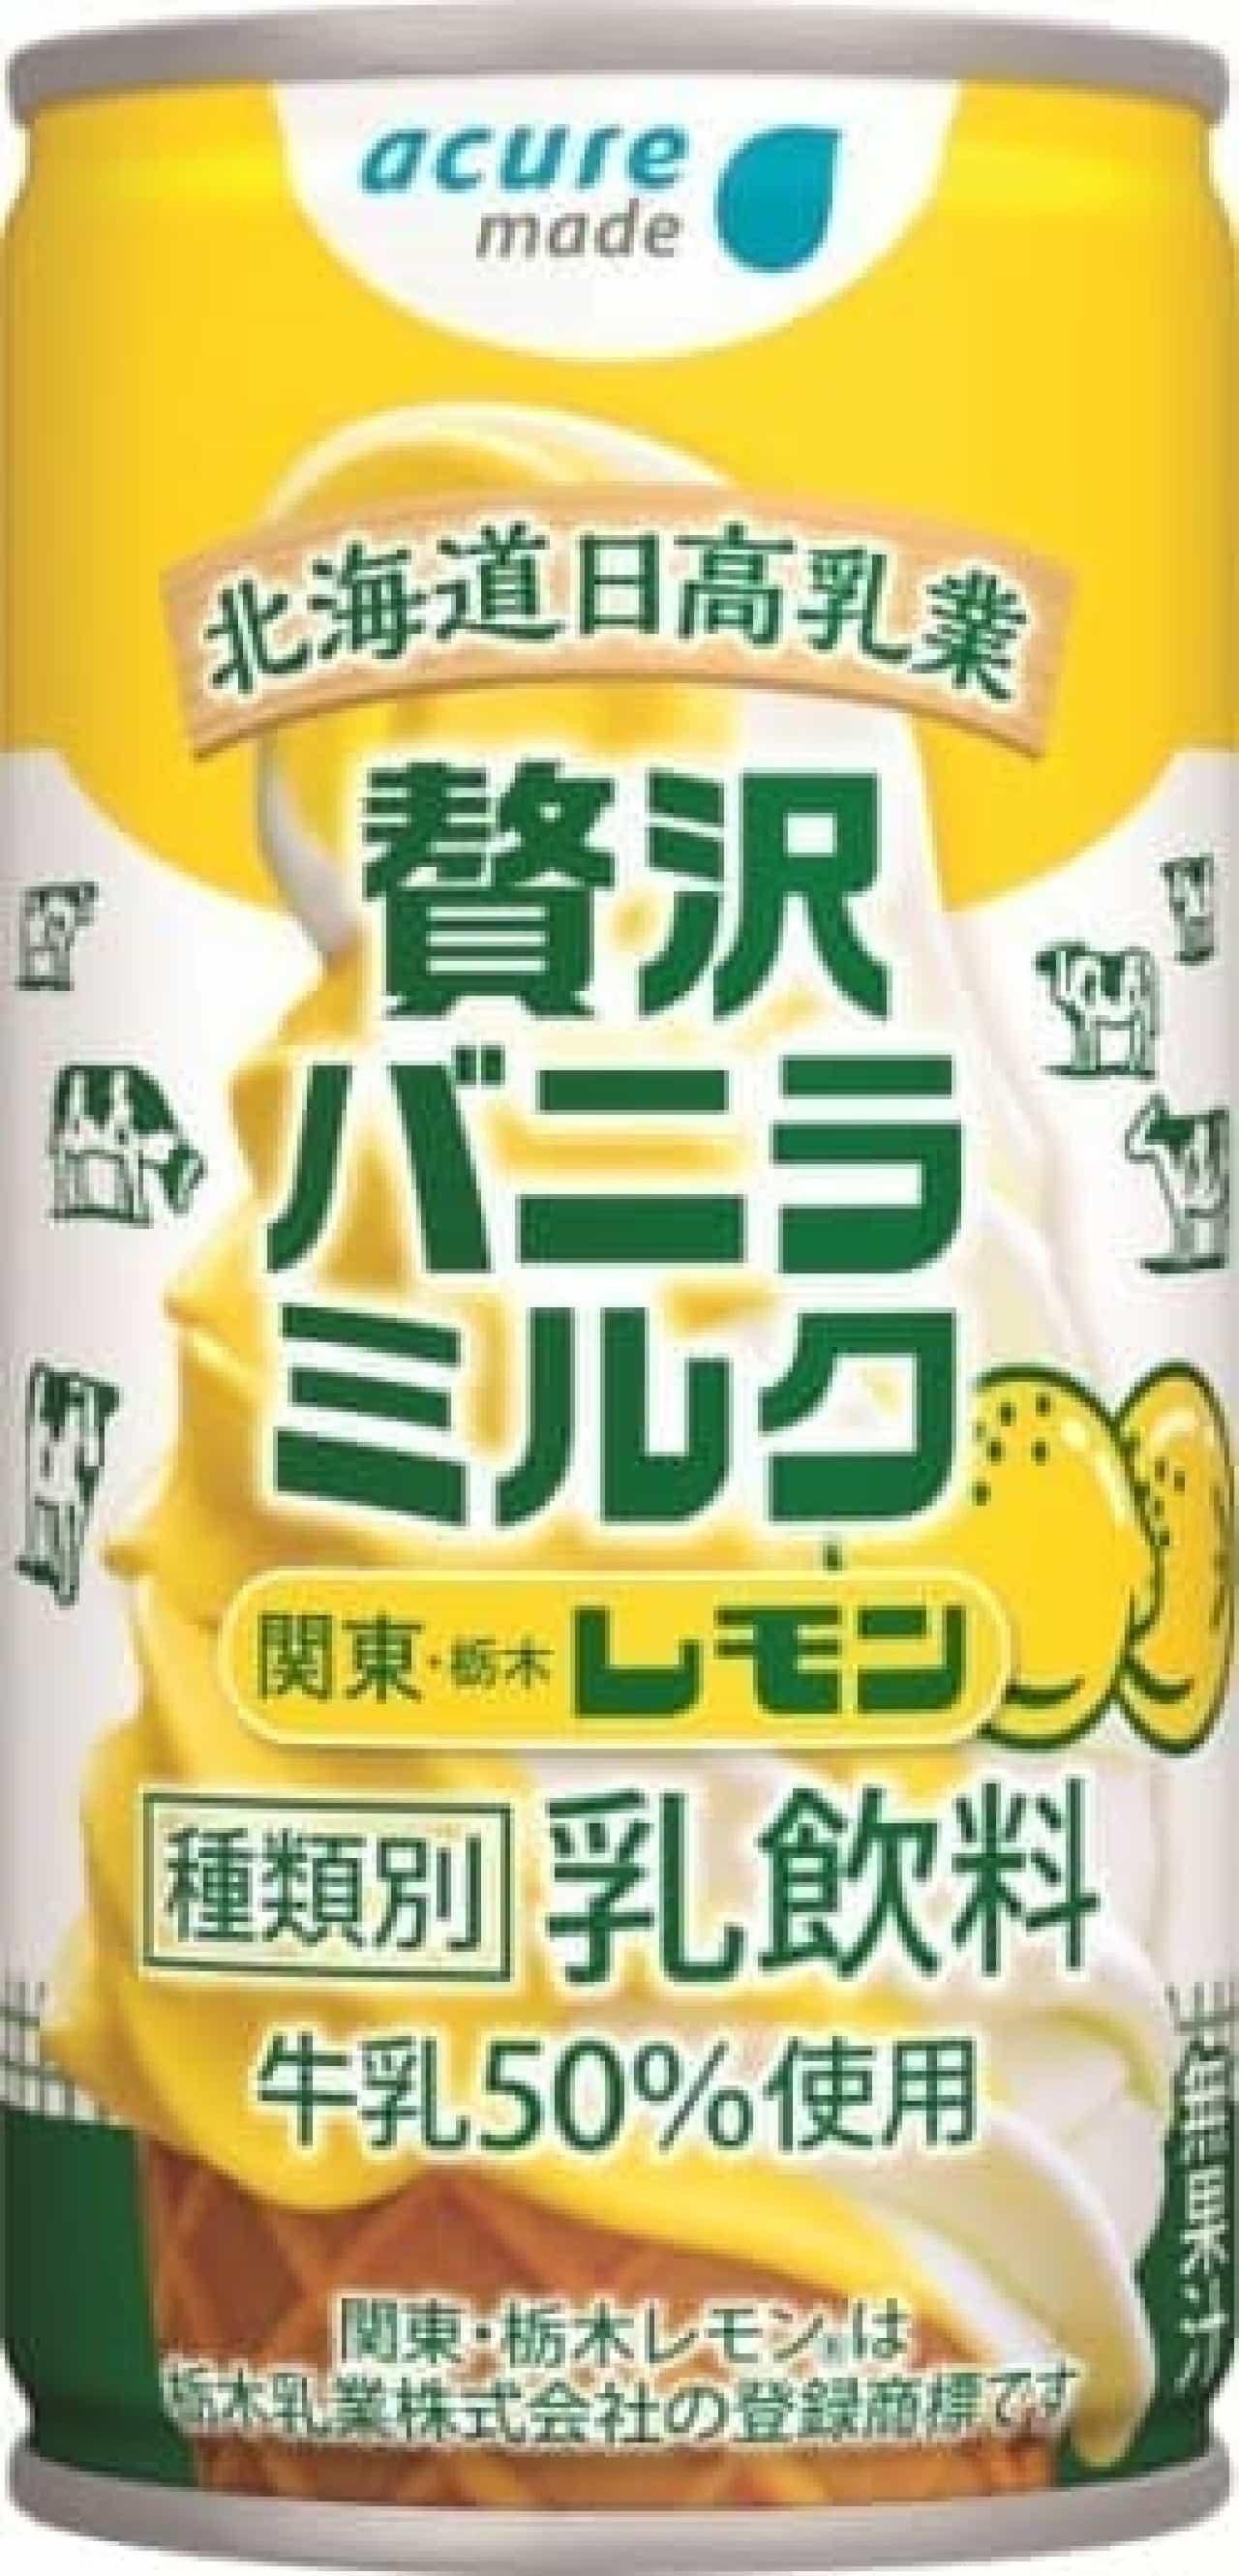 贅沢バニラミルク関東・栃木レモン